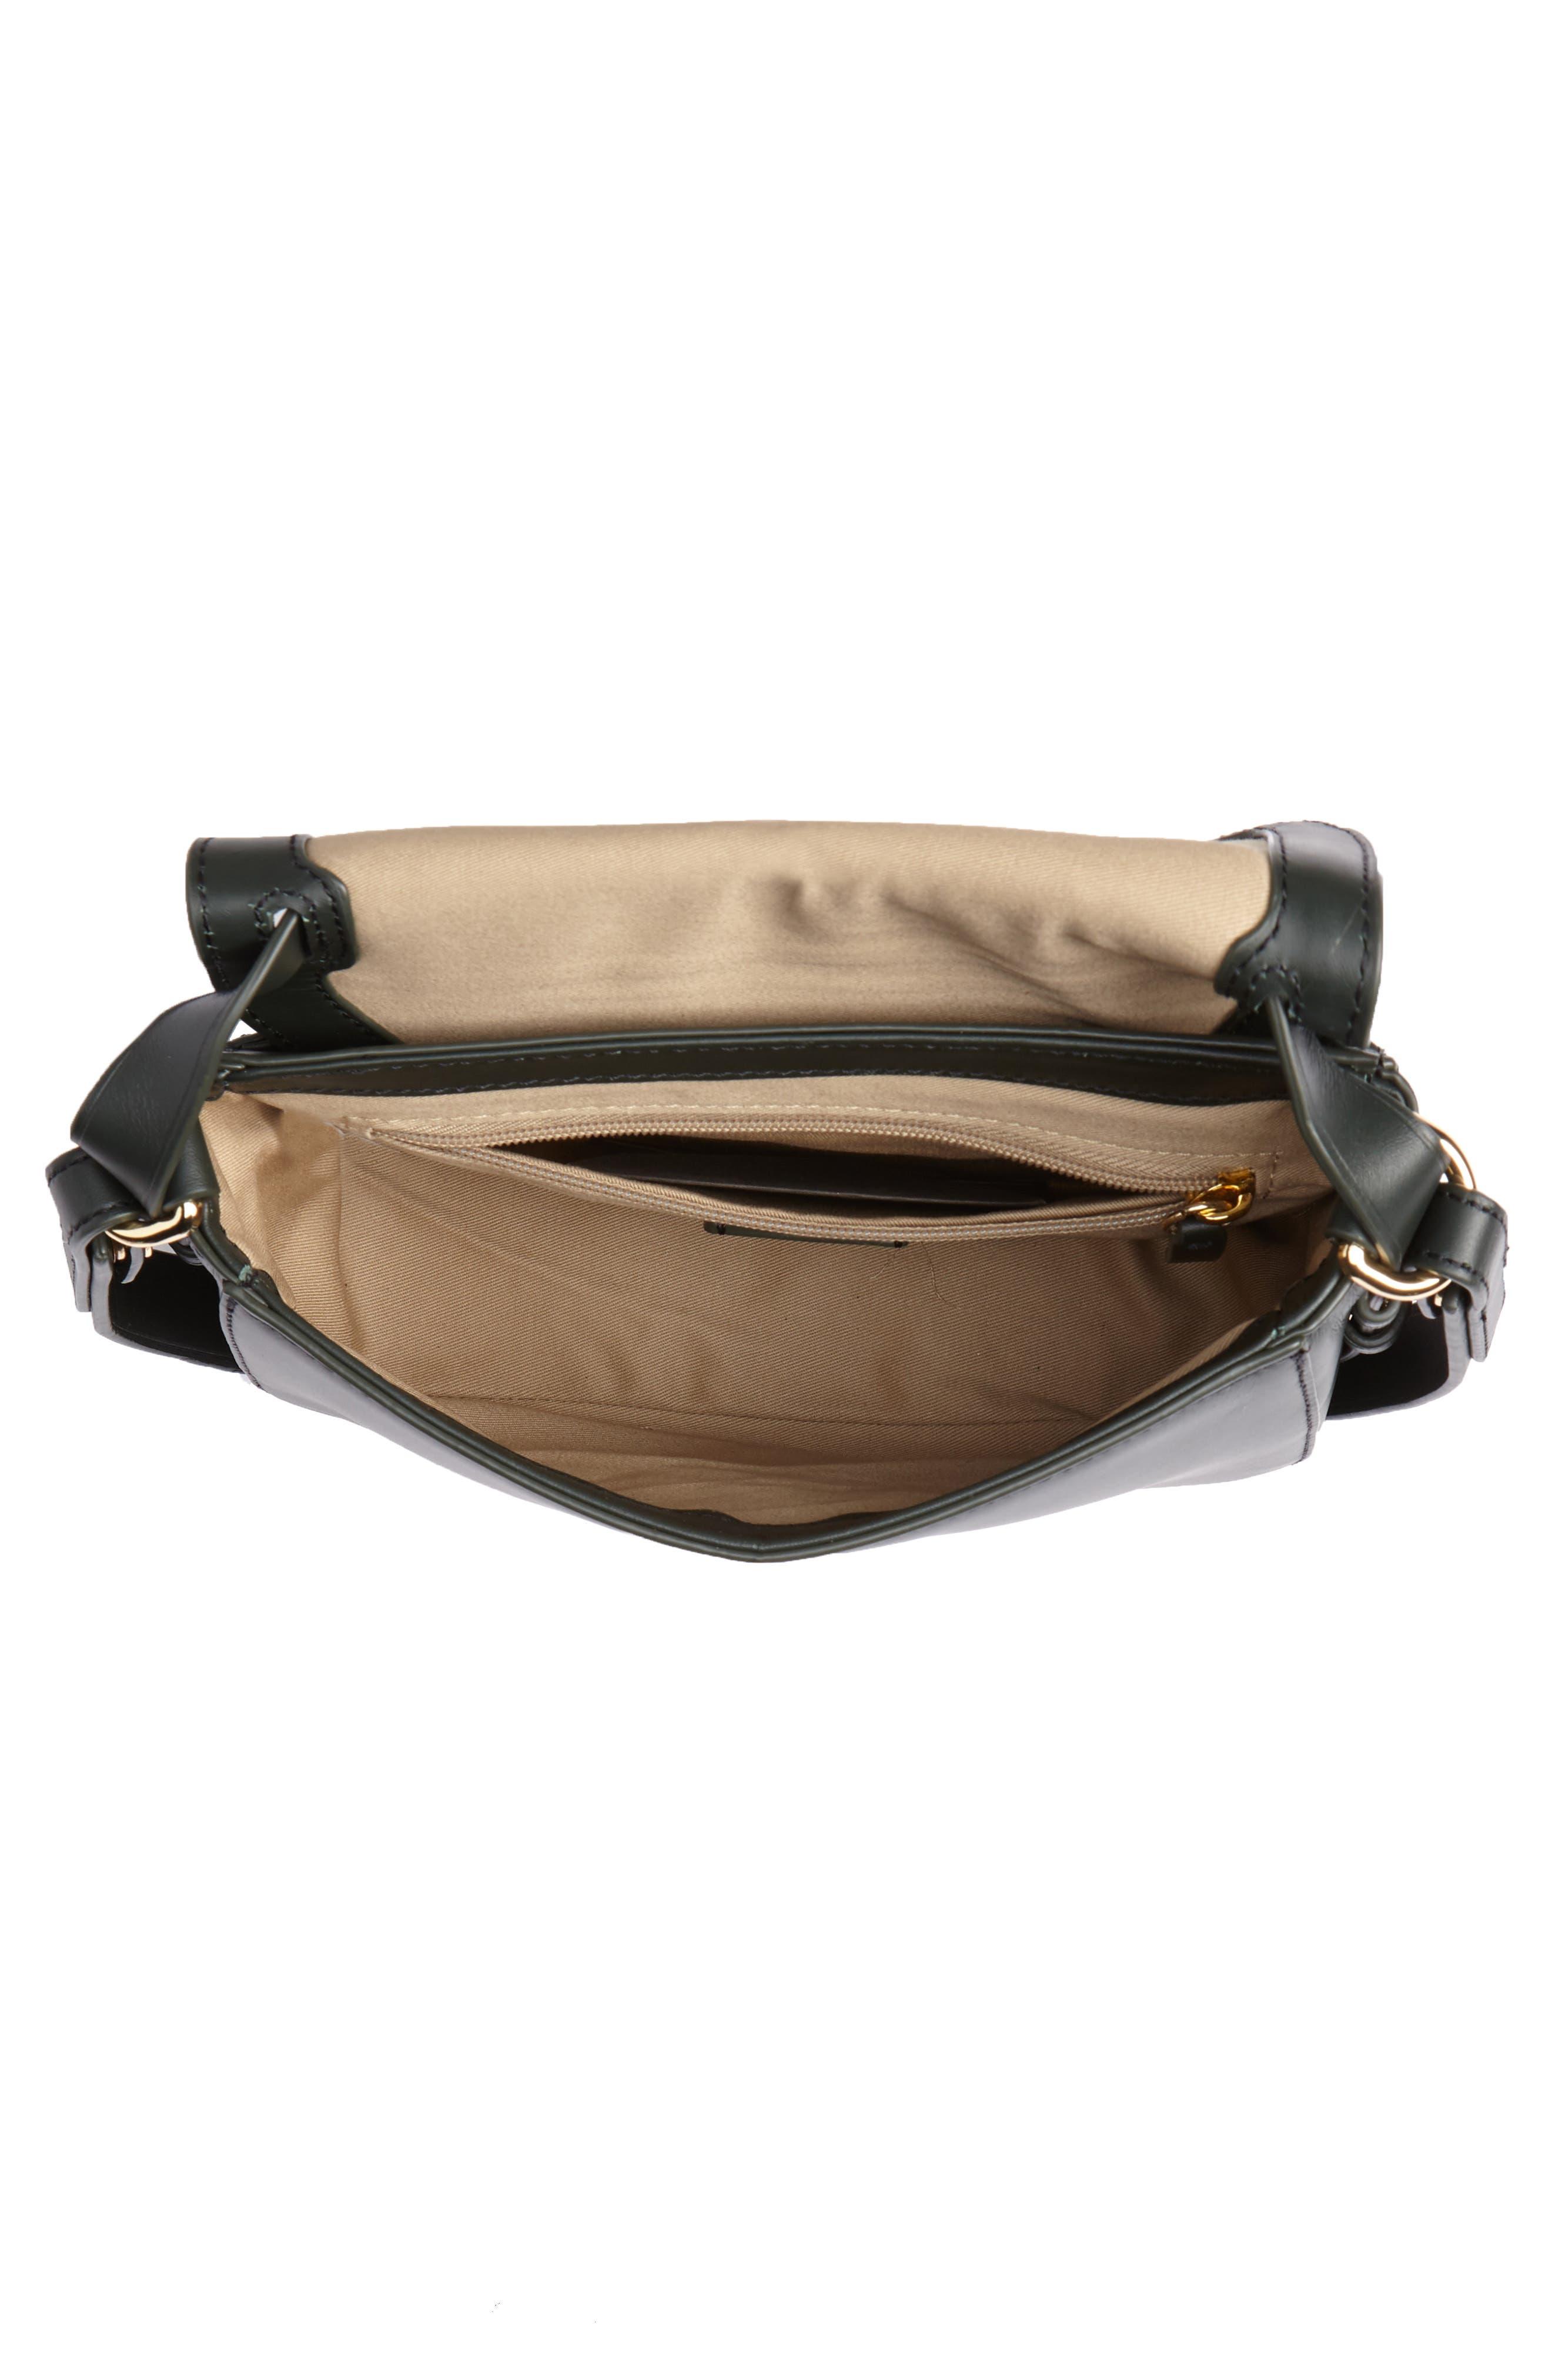 Harper Leather Crossbody Bag,                             Alternate thumbnail 4, color,                             DARK EVERGREEN